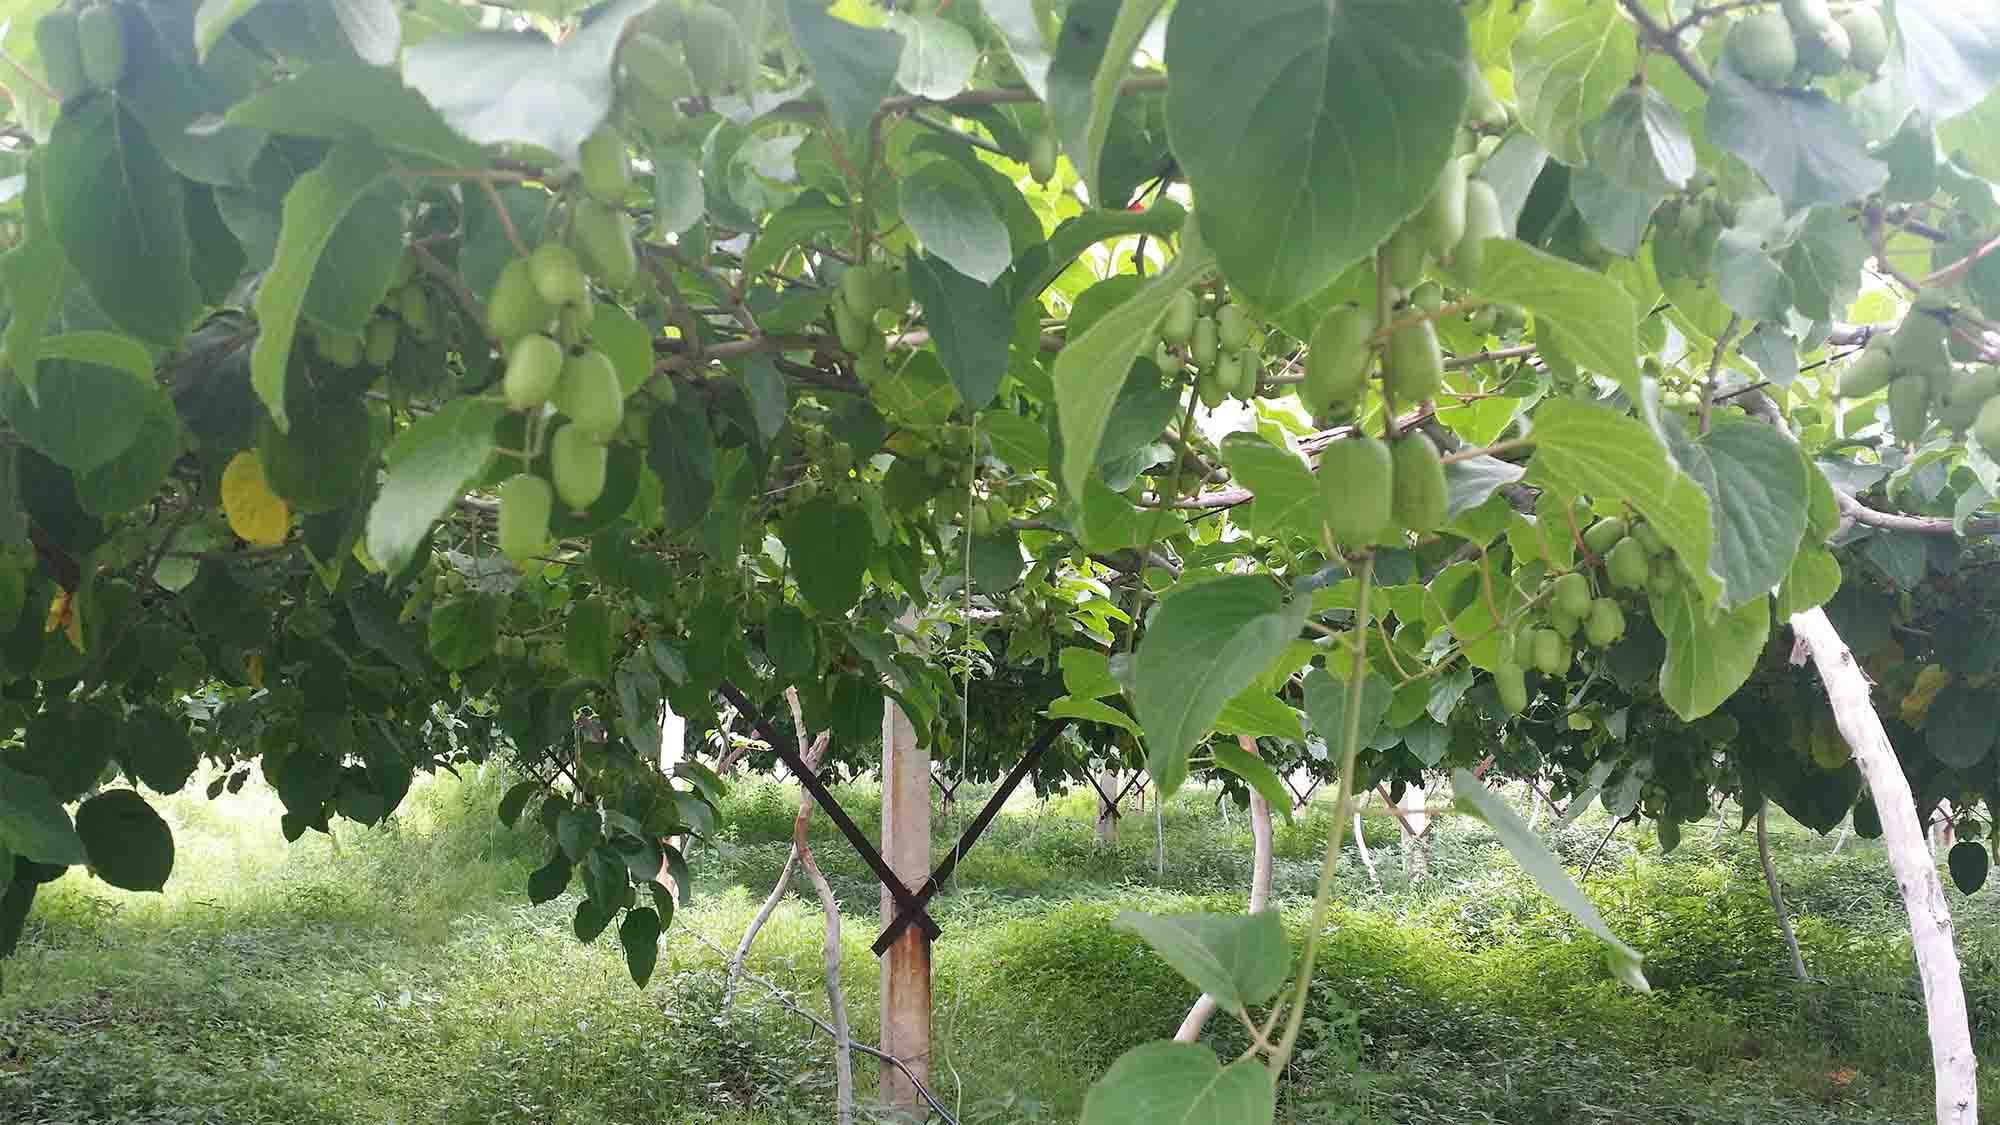 上甘岭软枣猕猴桃苗批发-品种纯的软枣猕猴桃苗出售